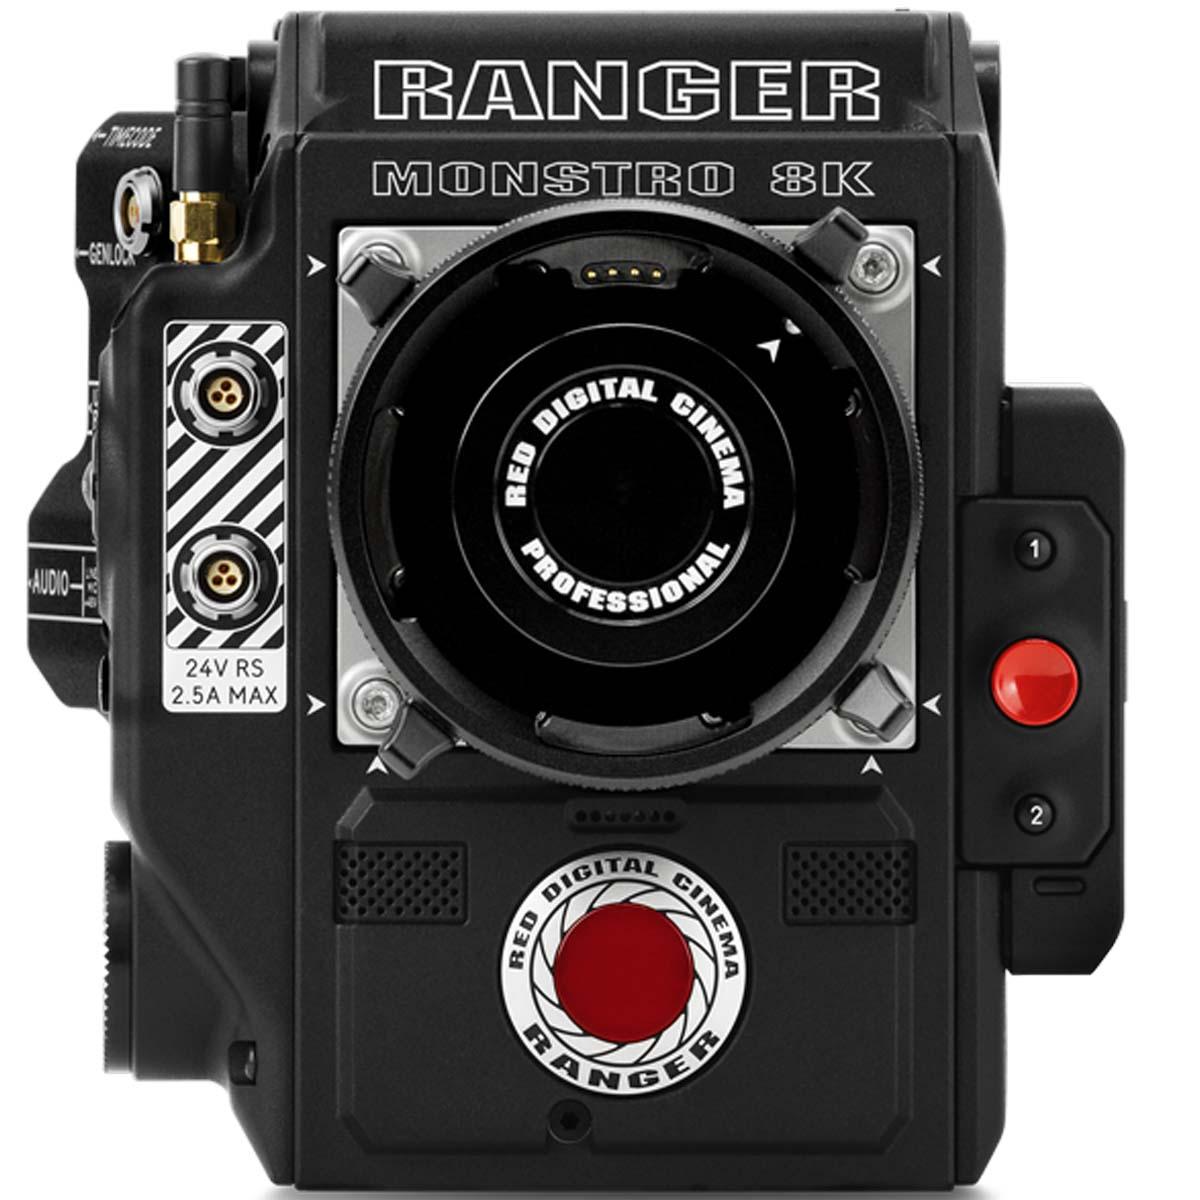 RED RANGER MONSTRO 8K VV